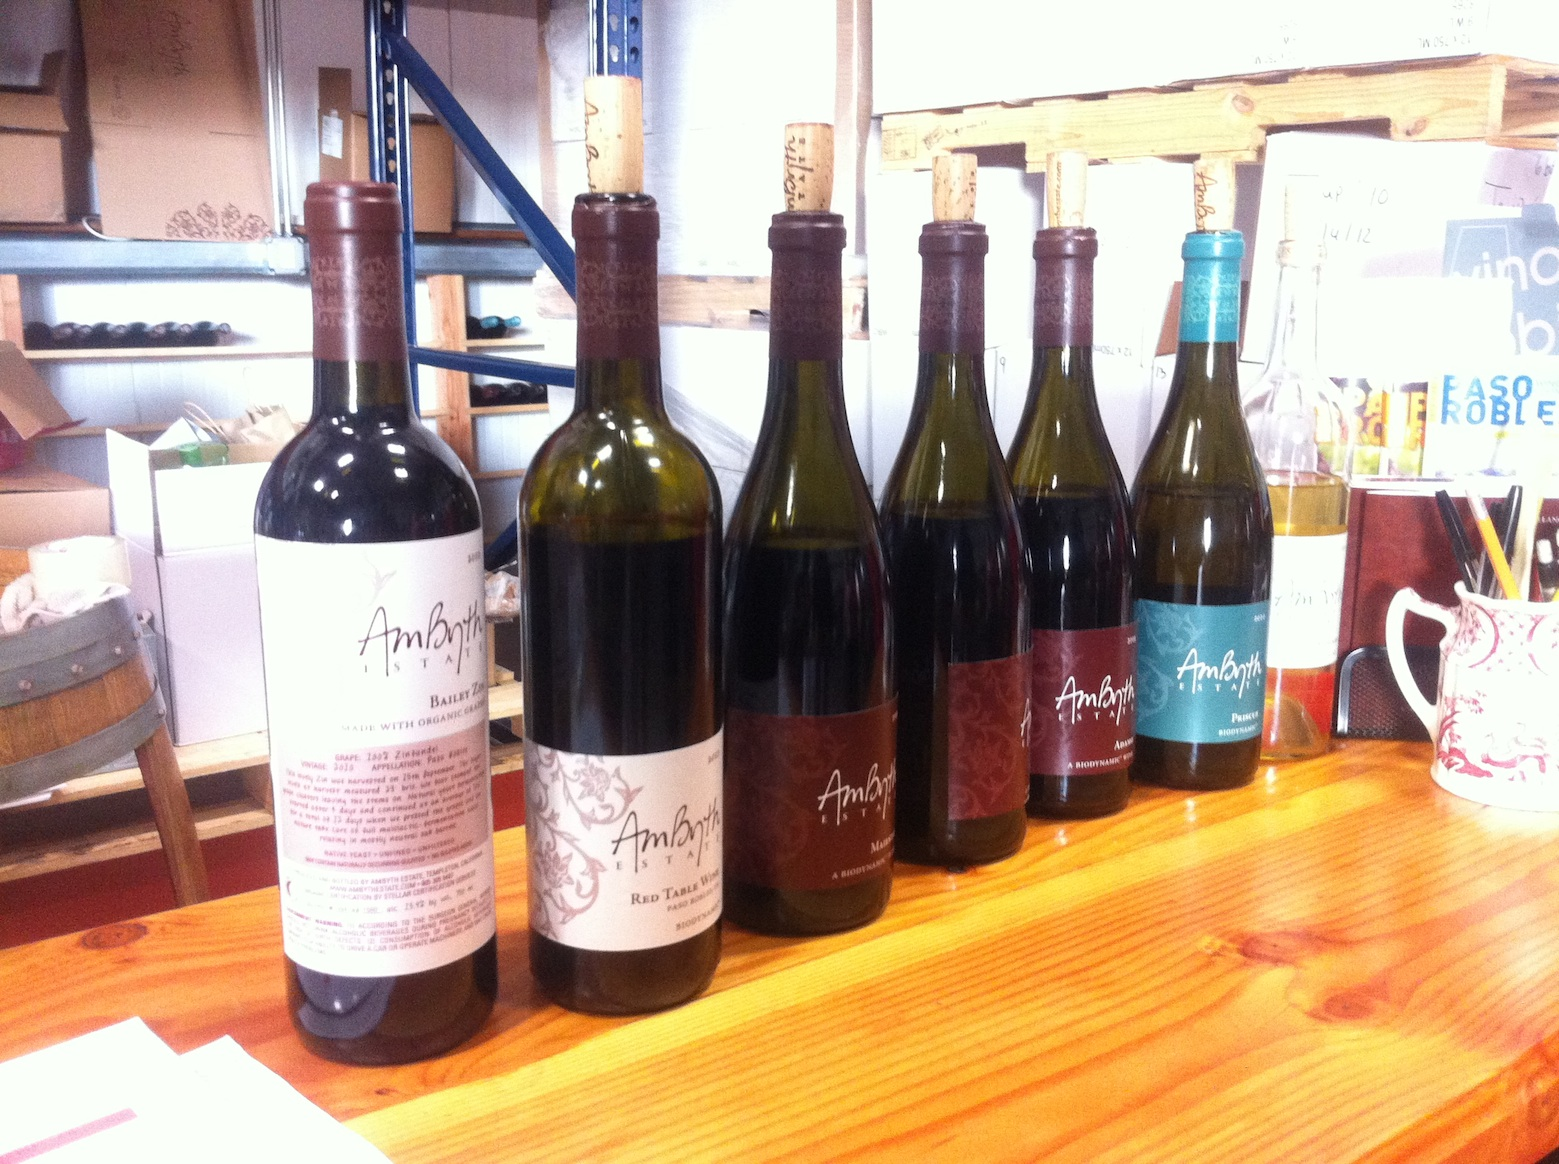 Wine tasting at Ambyth Estate